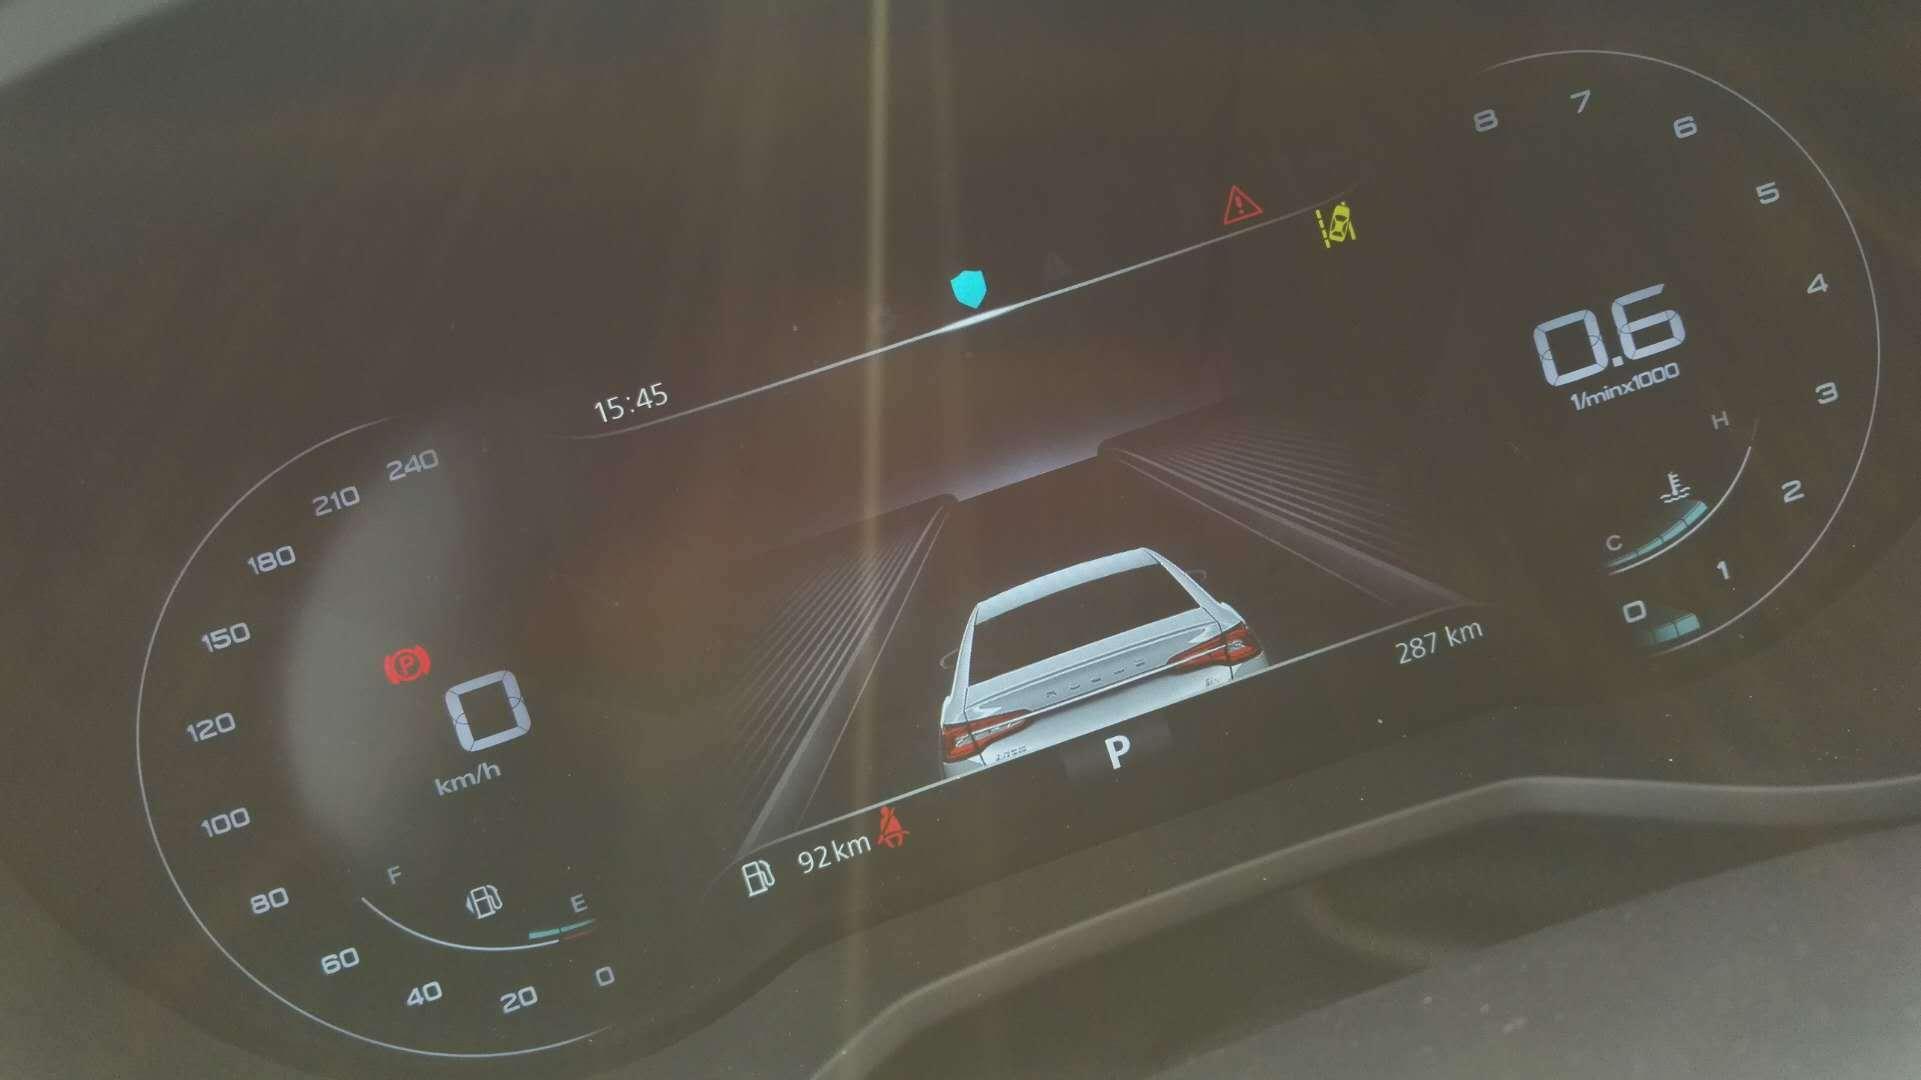 试荣威i5用思域的方式挑战朗逸轩逸帝豪的位置